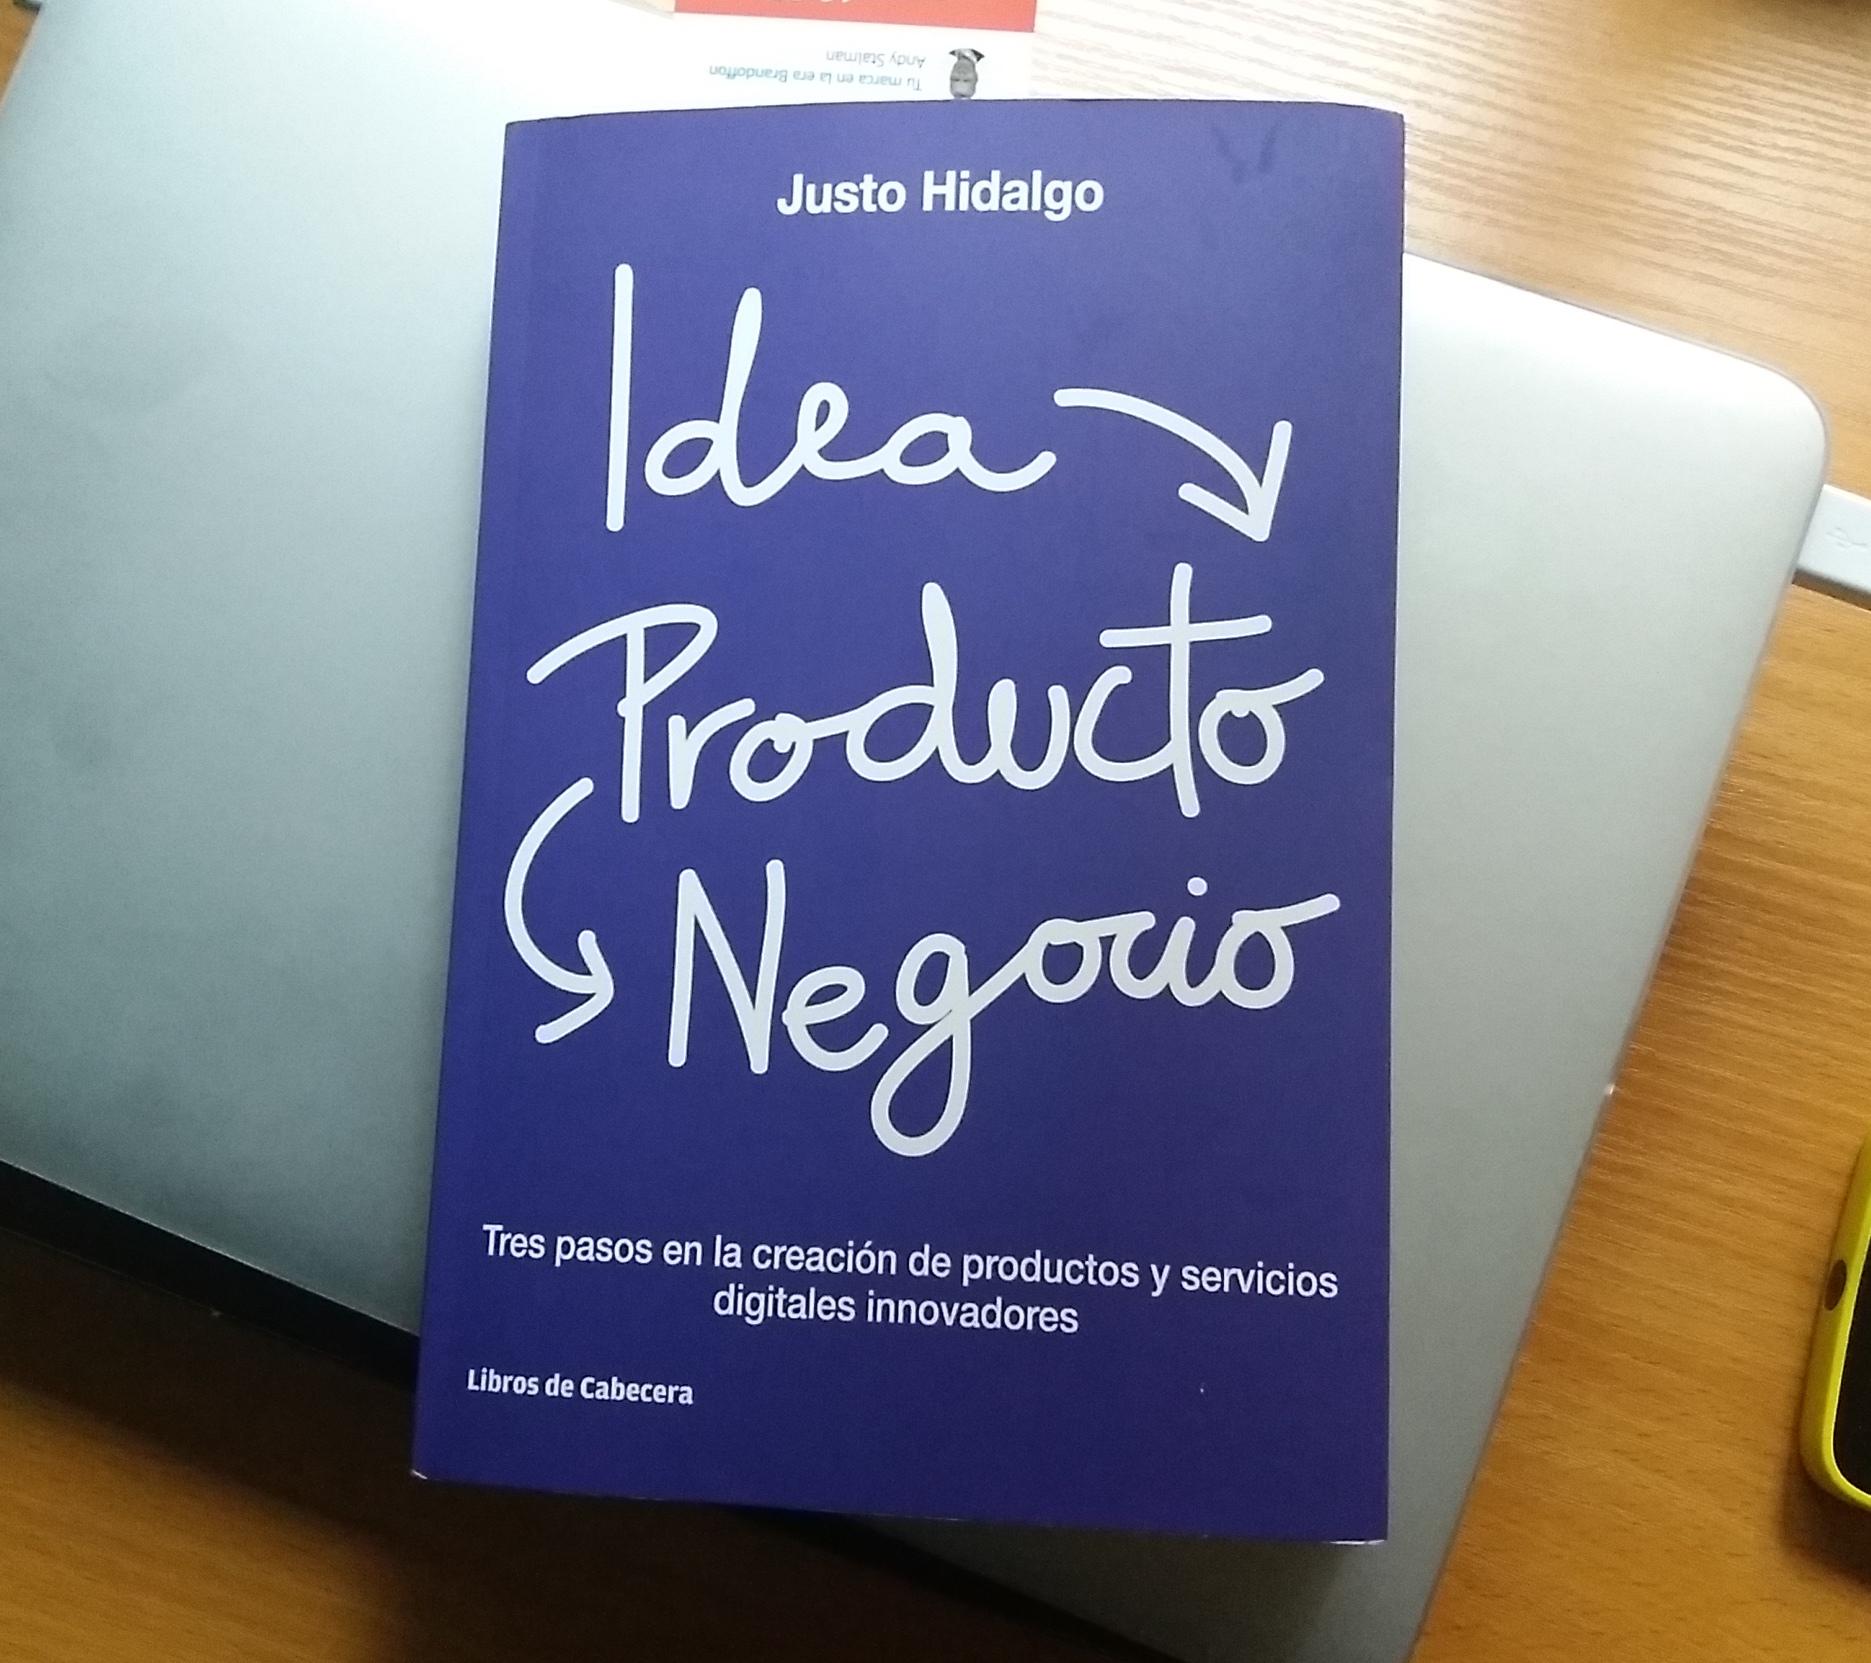 idea, producto, negocio de justo hidalgo